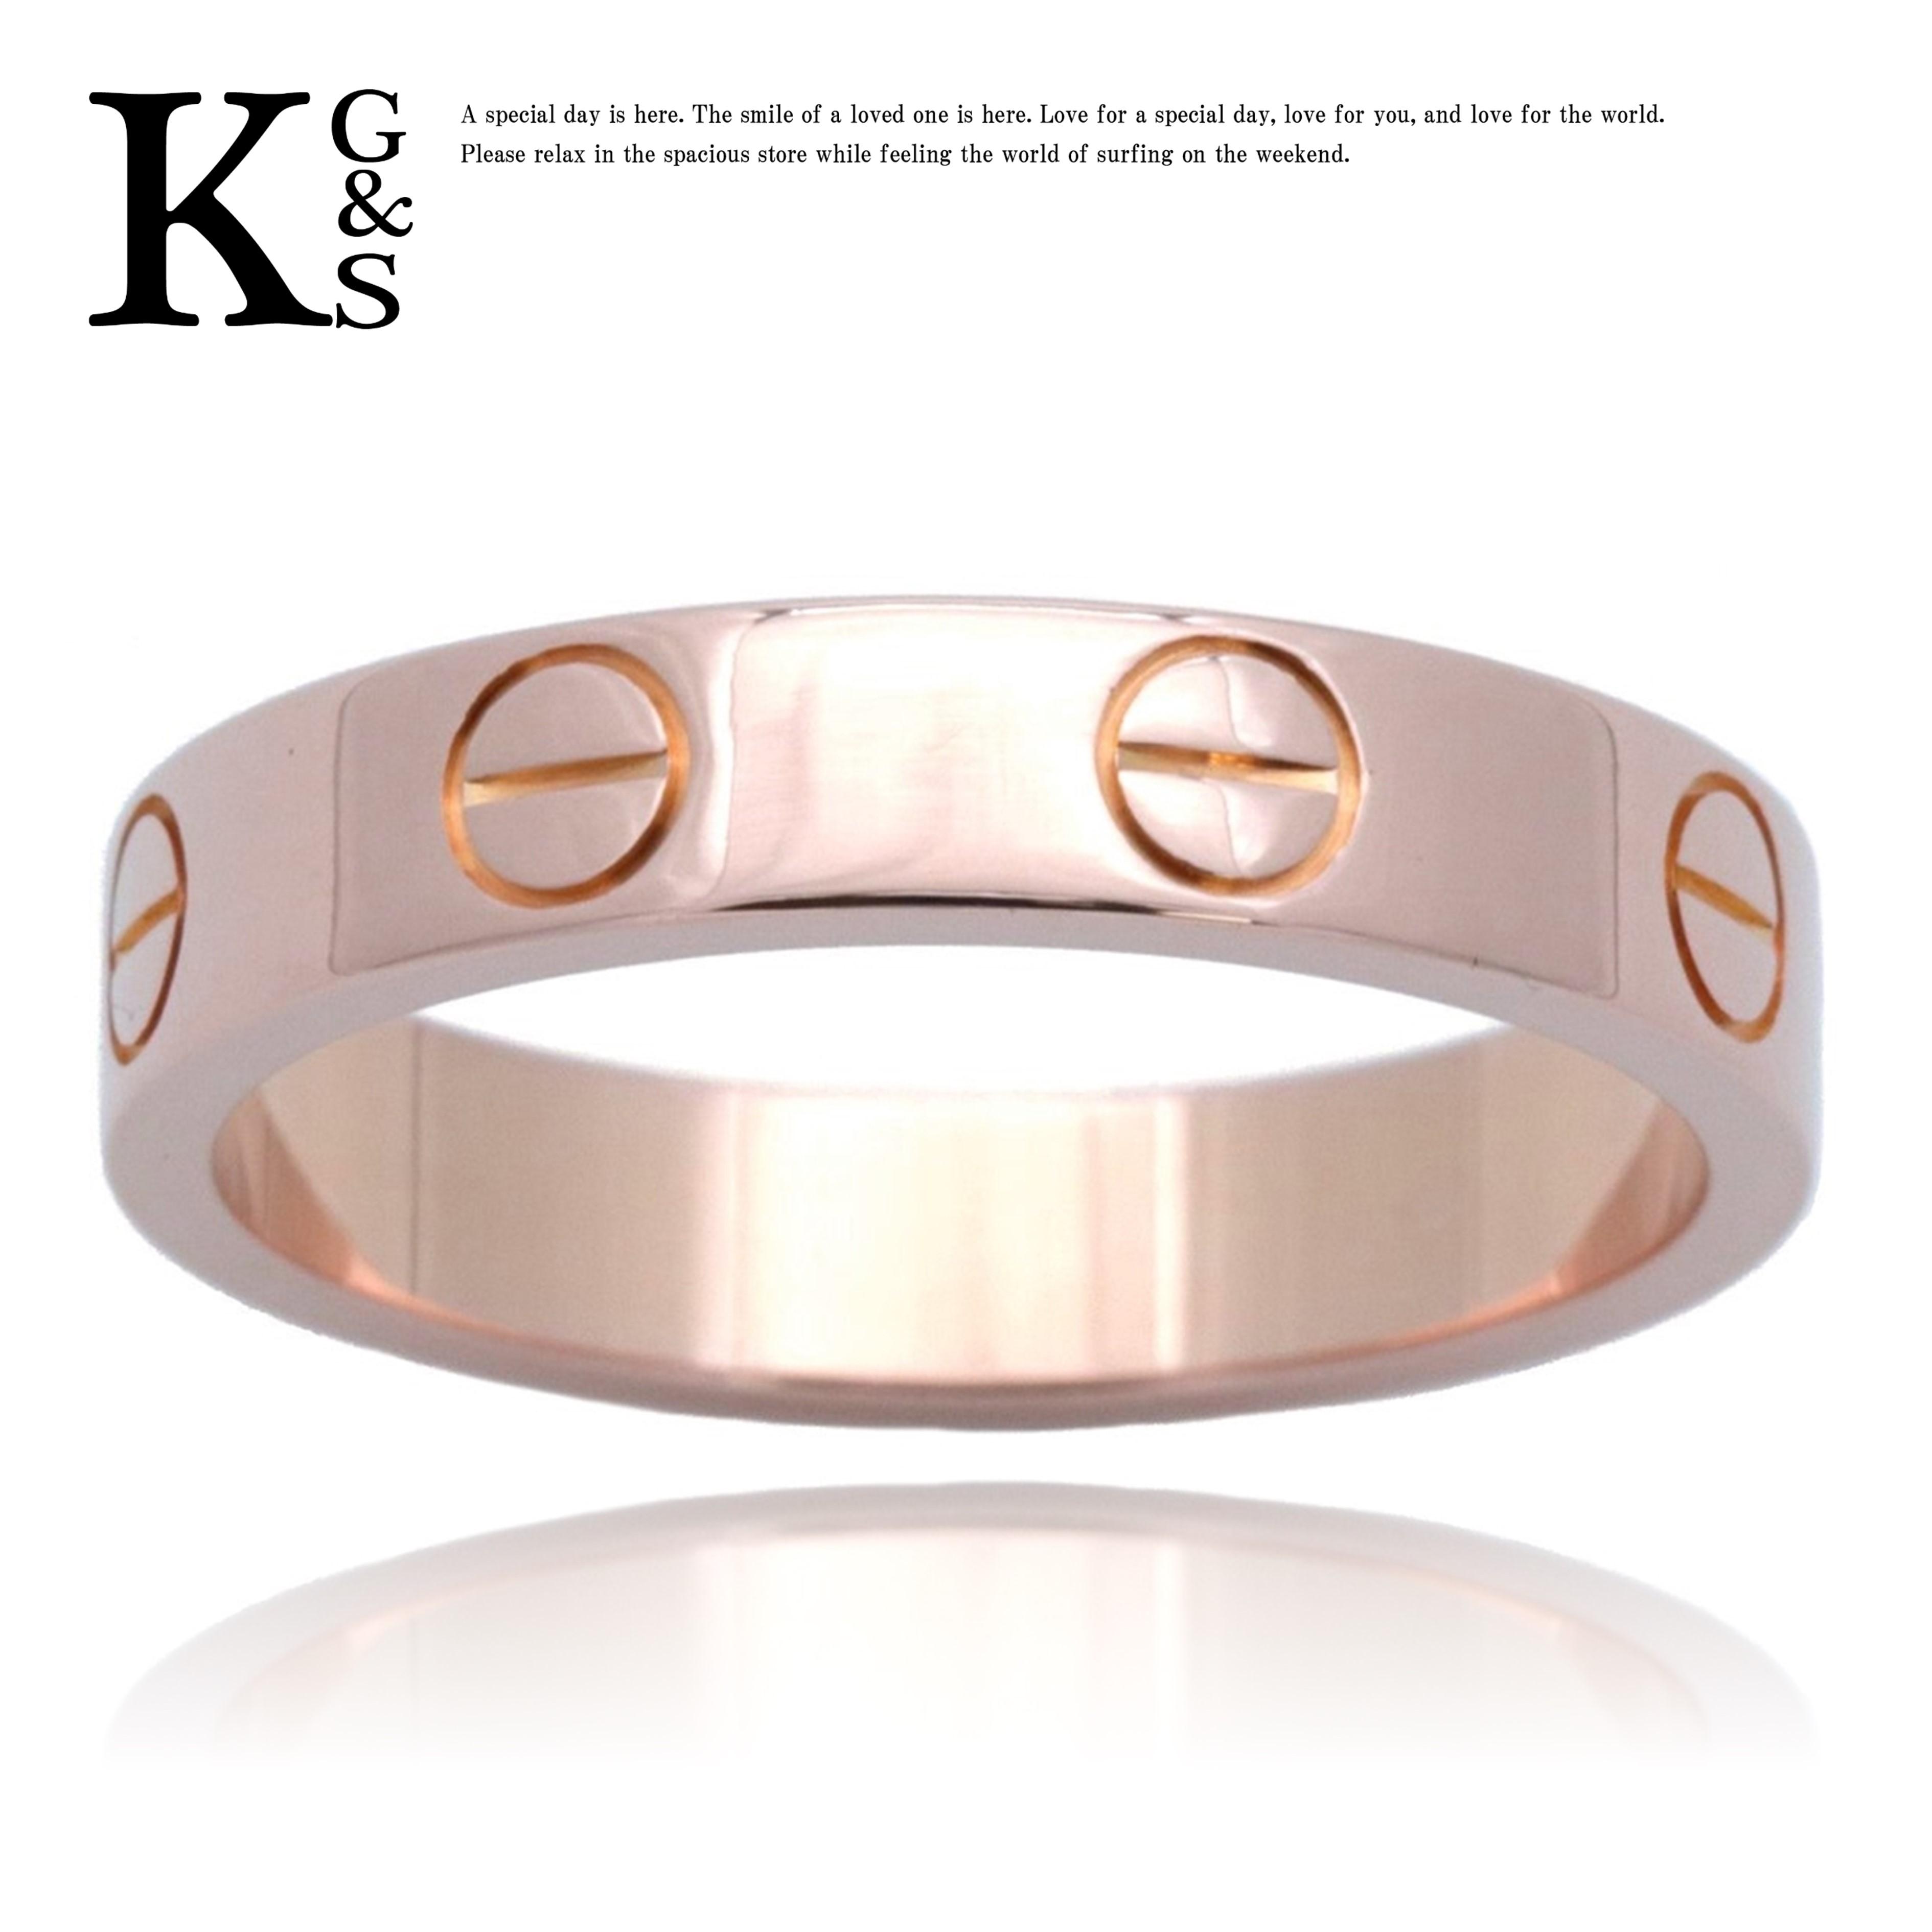 【ギフトランク】【4号-23号】カルティエ/Cartier / ミニラブリング / レディース メンズ アクセサリー 指輪 / K18PG ピンクゴールド / B4085200